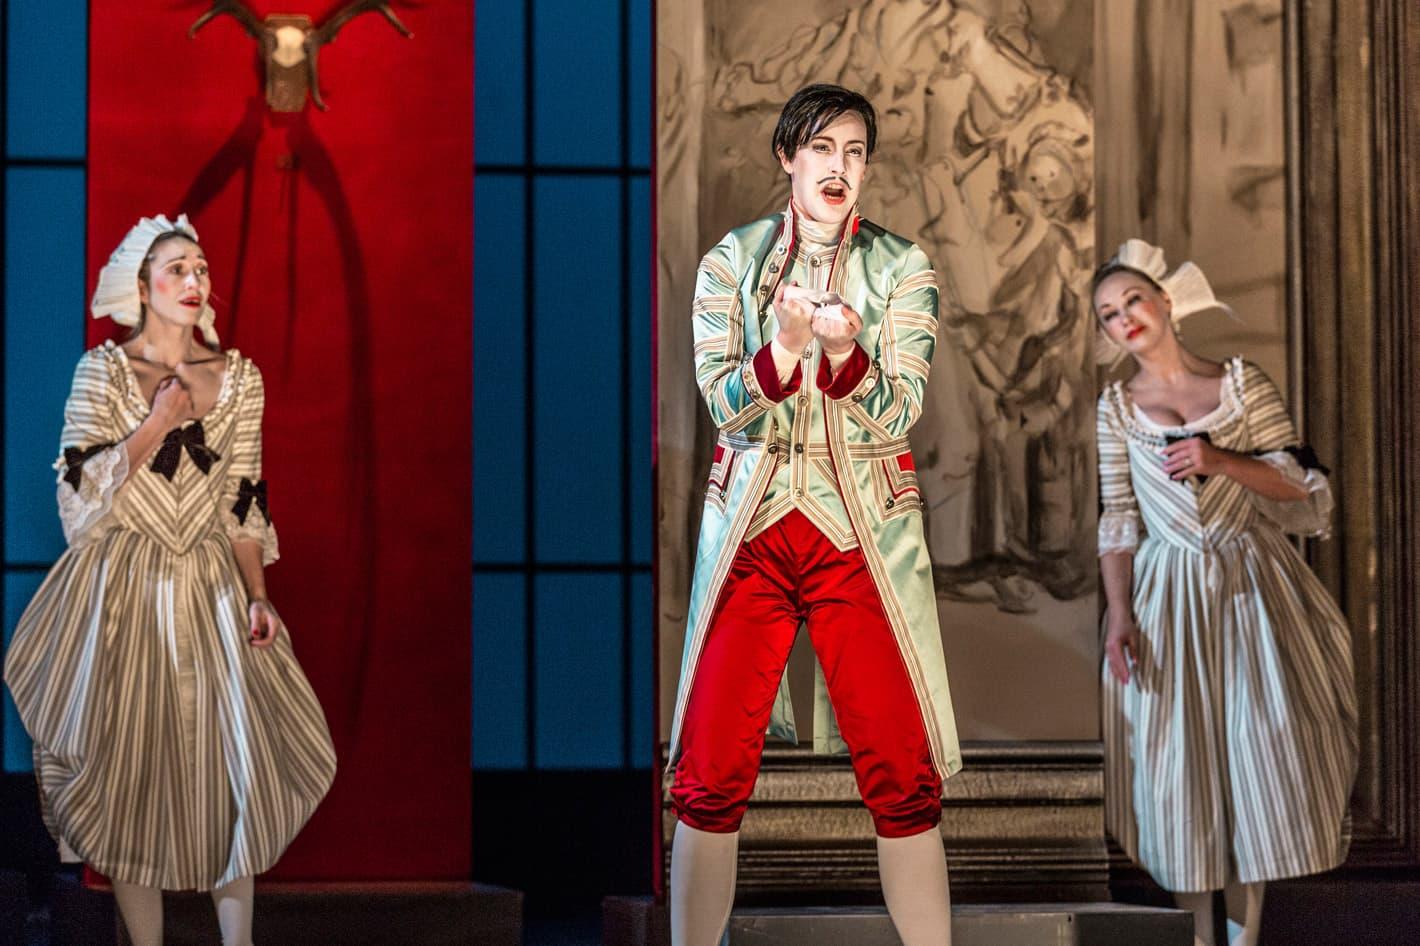 Una escena de Le nozze di Figaro al Teatre dels Estats de Praga.